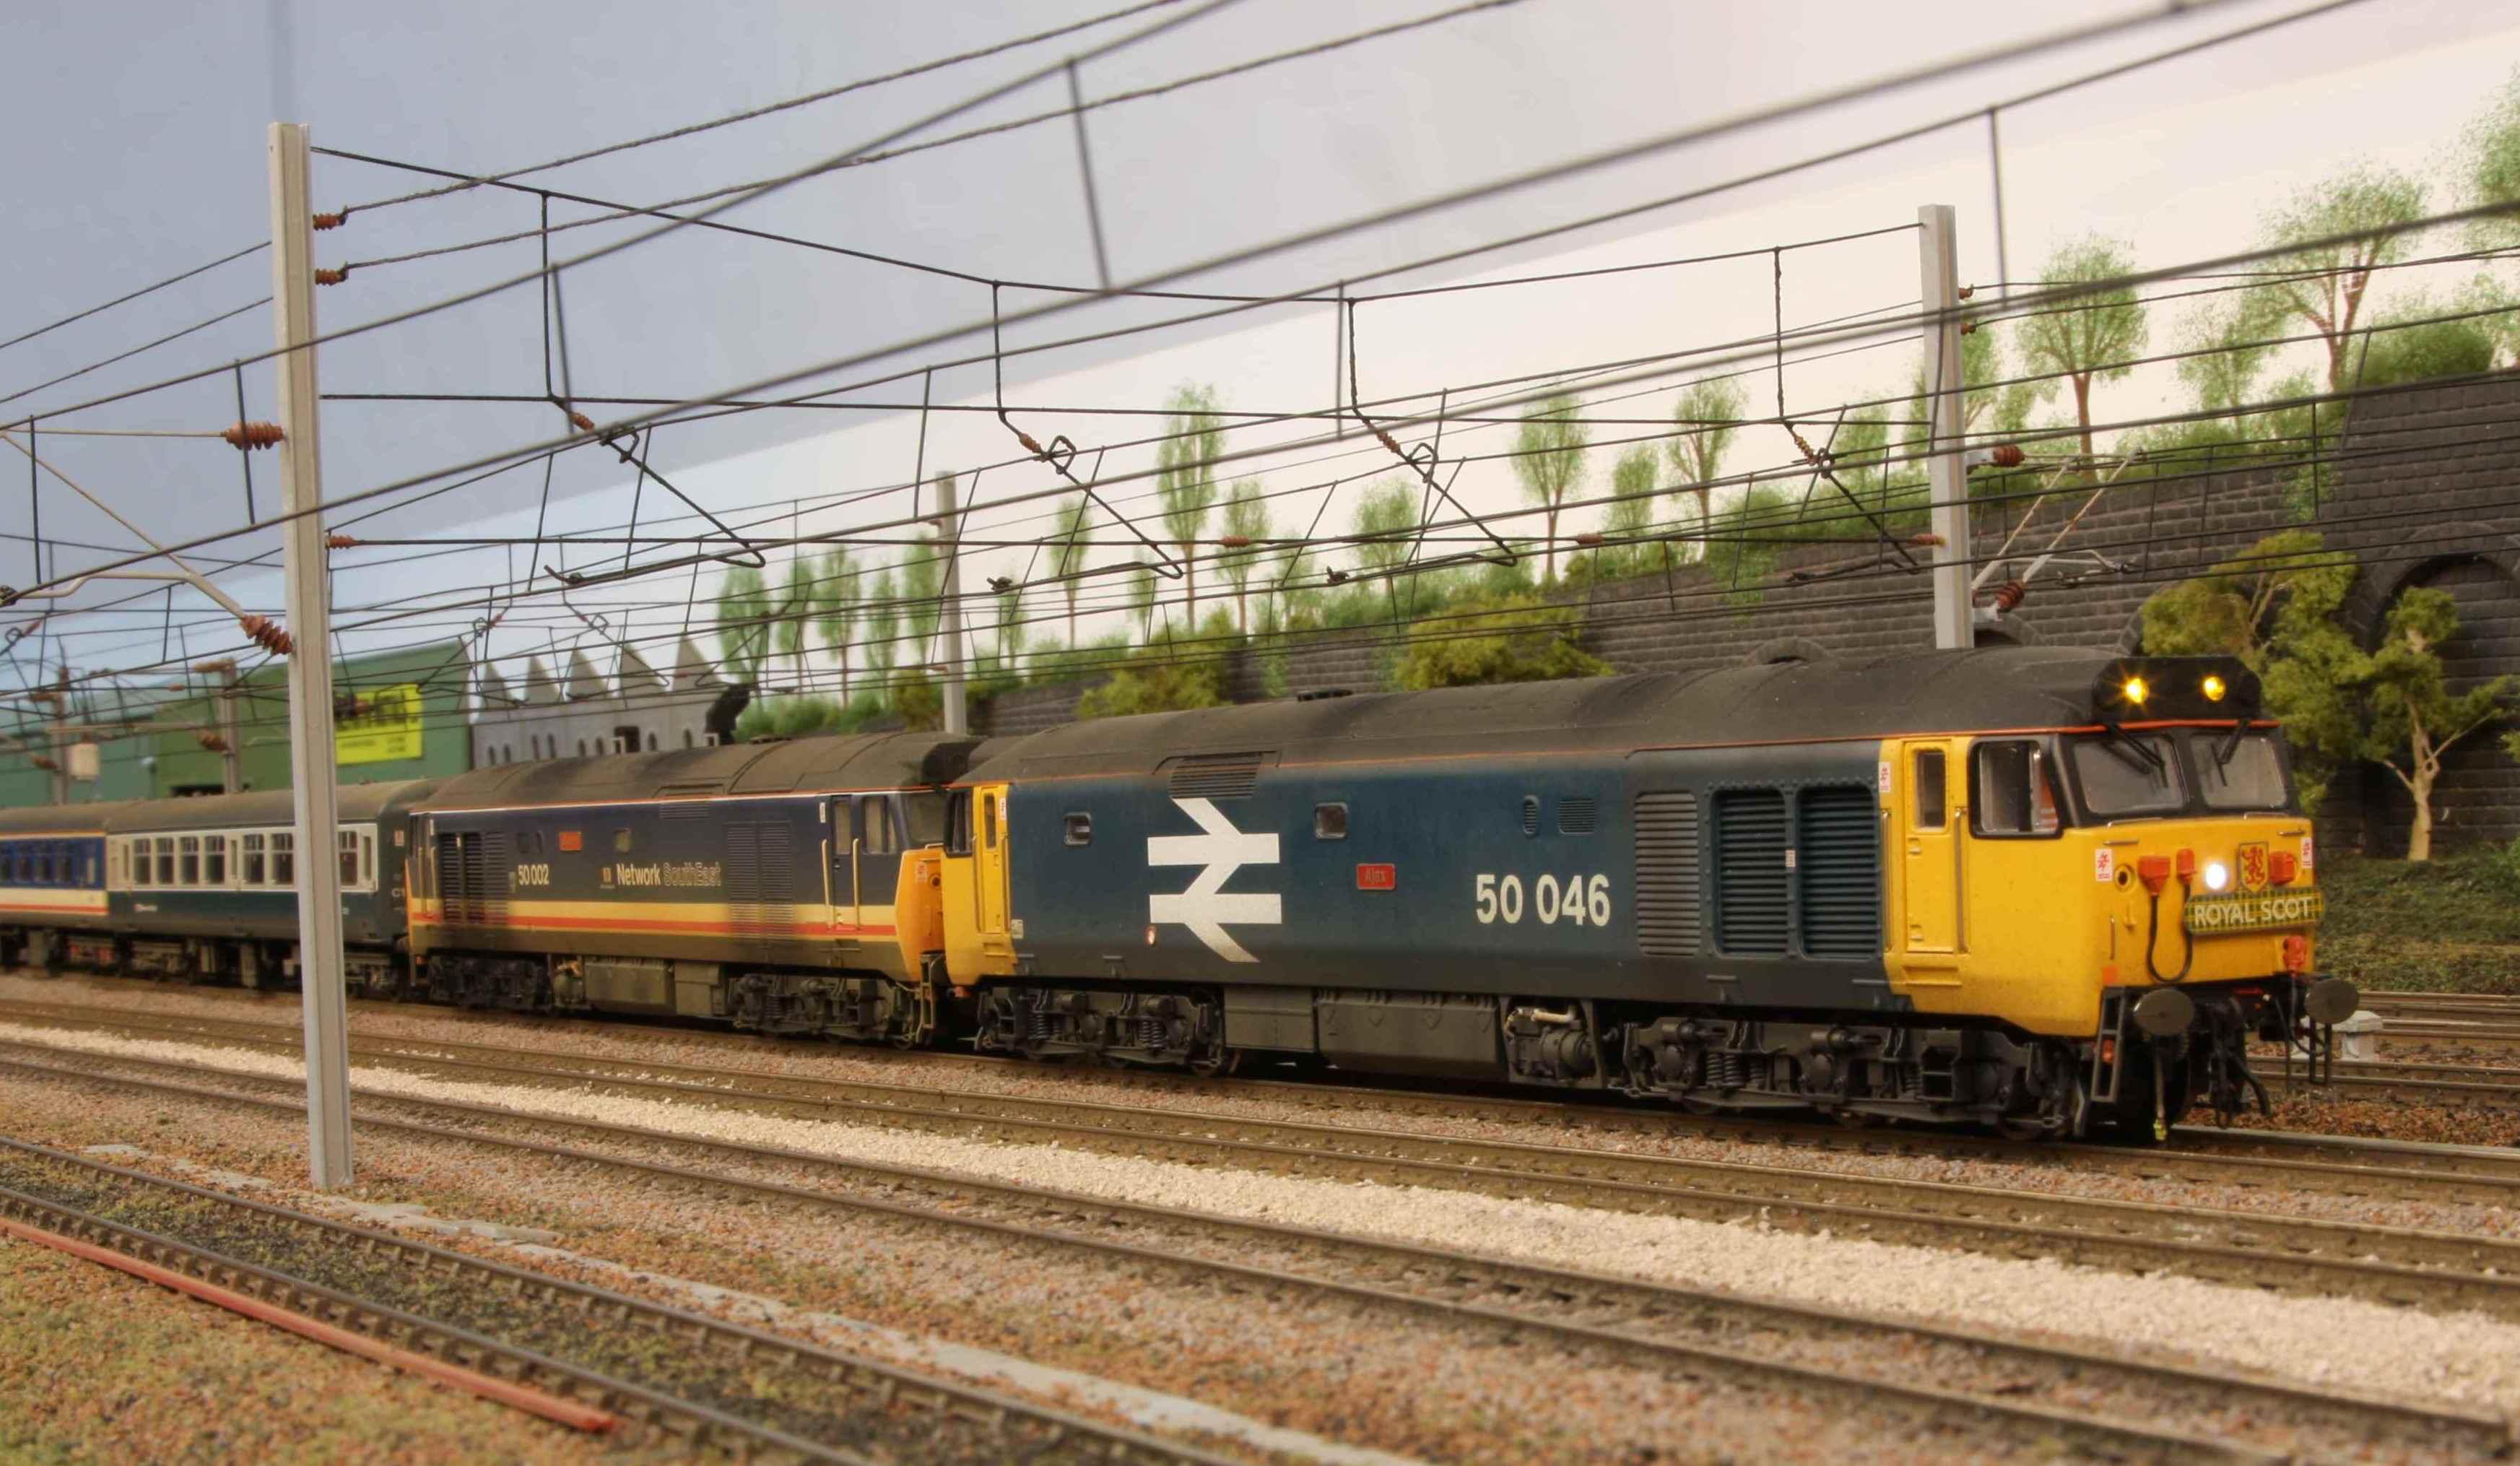 50 046 & 50 002 head a railtour north.